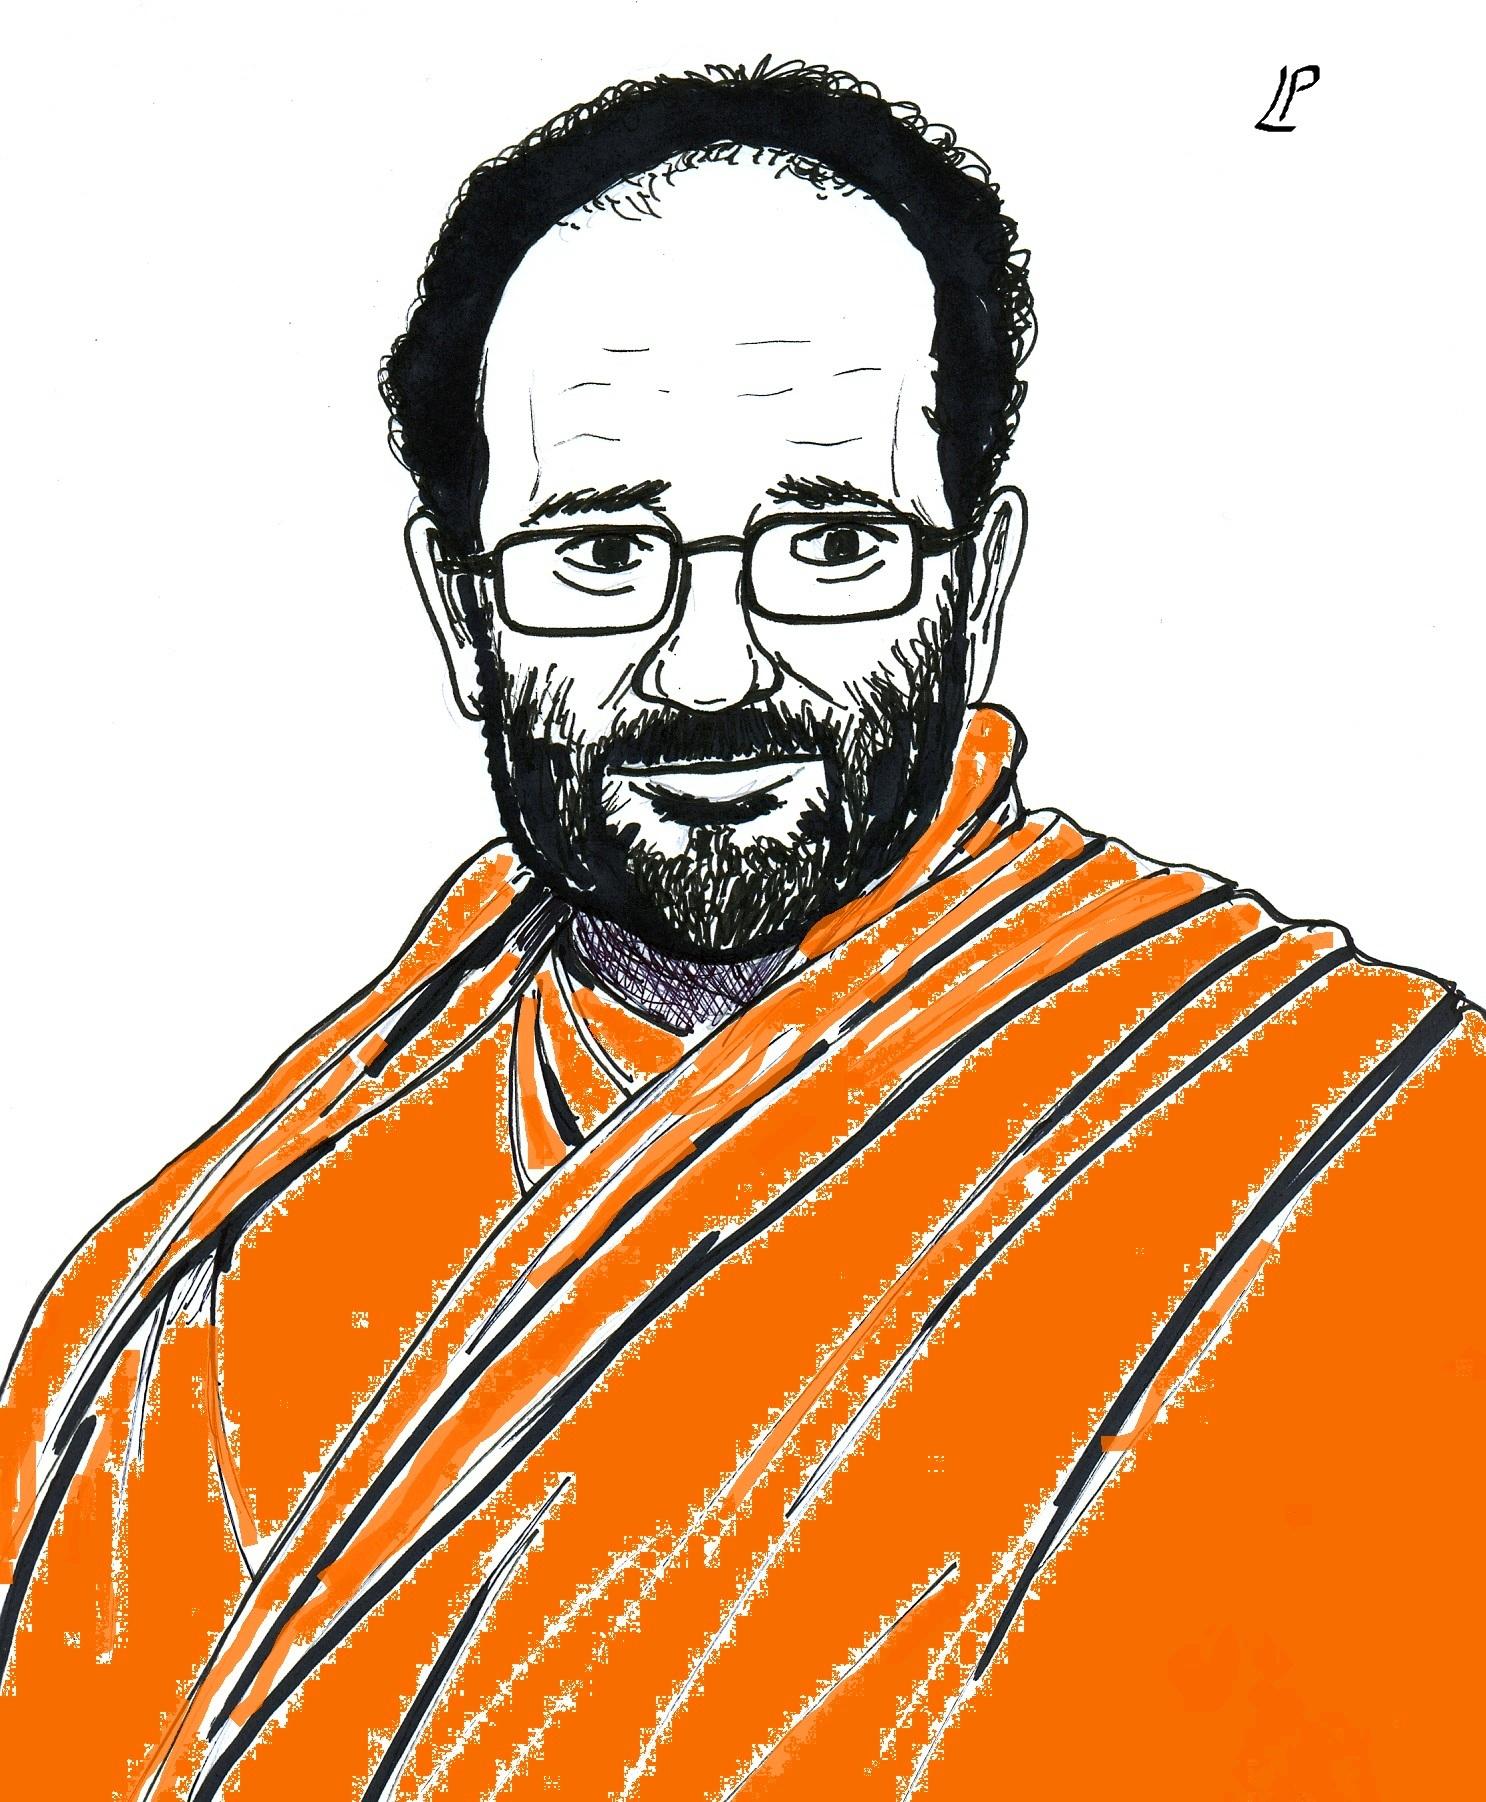 La Lista Arancione Vignetta Paolo Lombardi